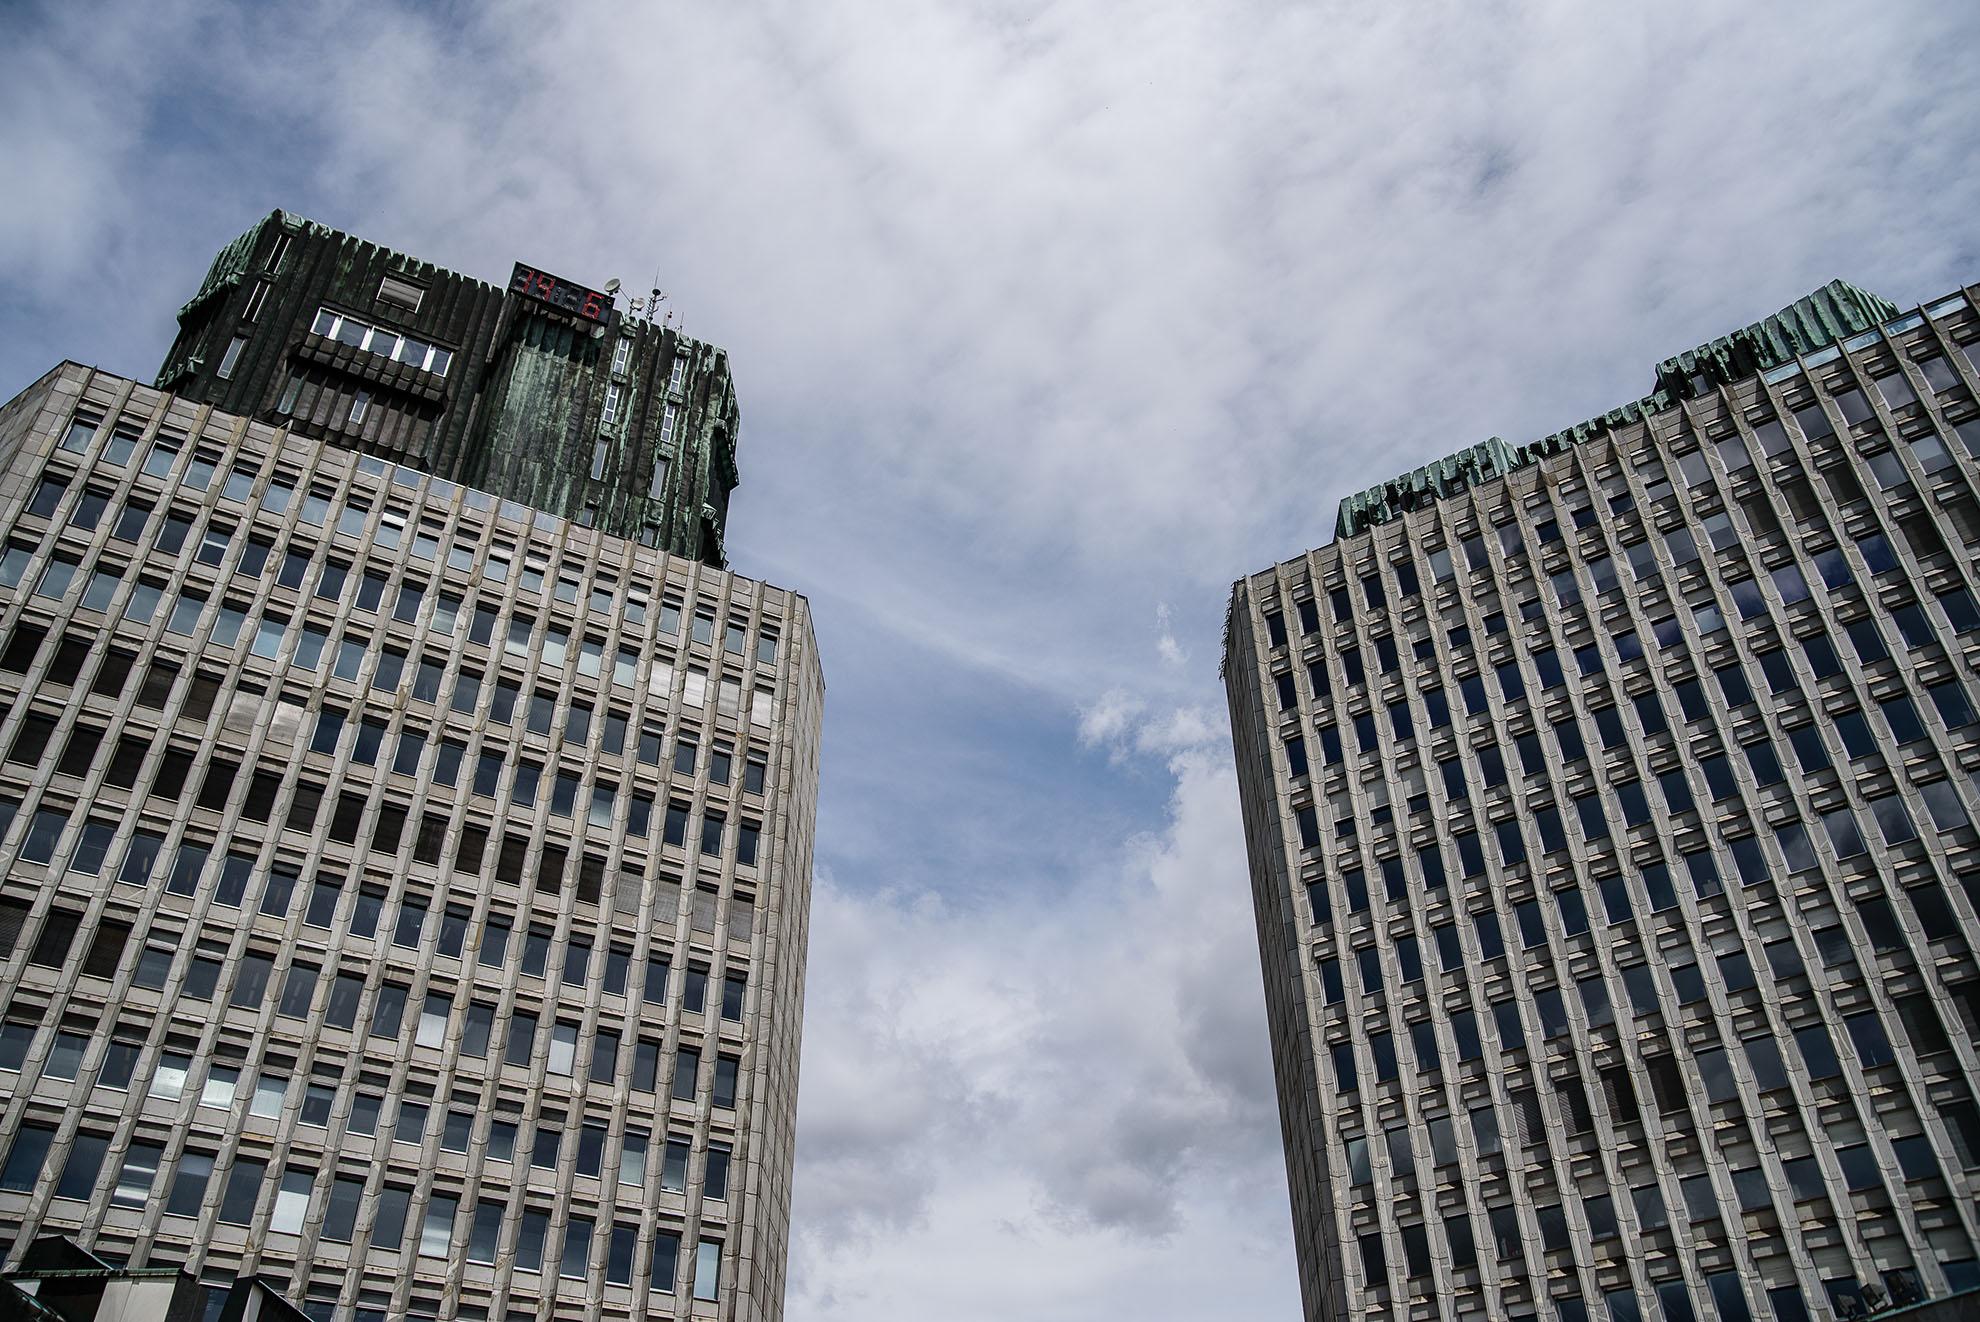 Budynki na Placu Republiki, pamiętające czasu komunizmu